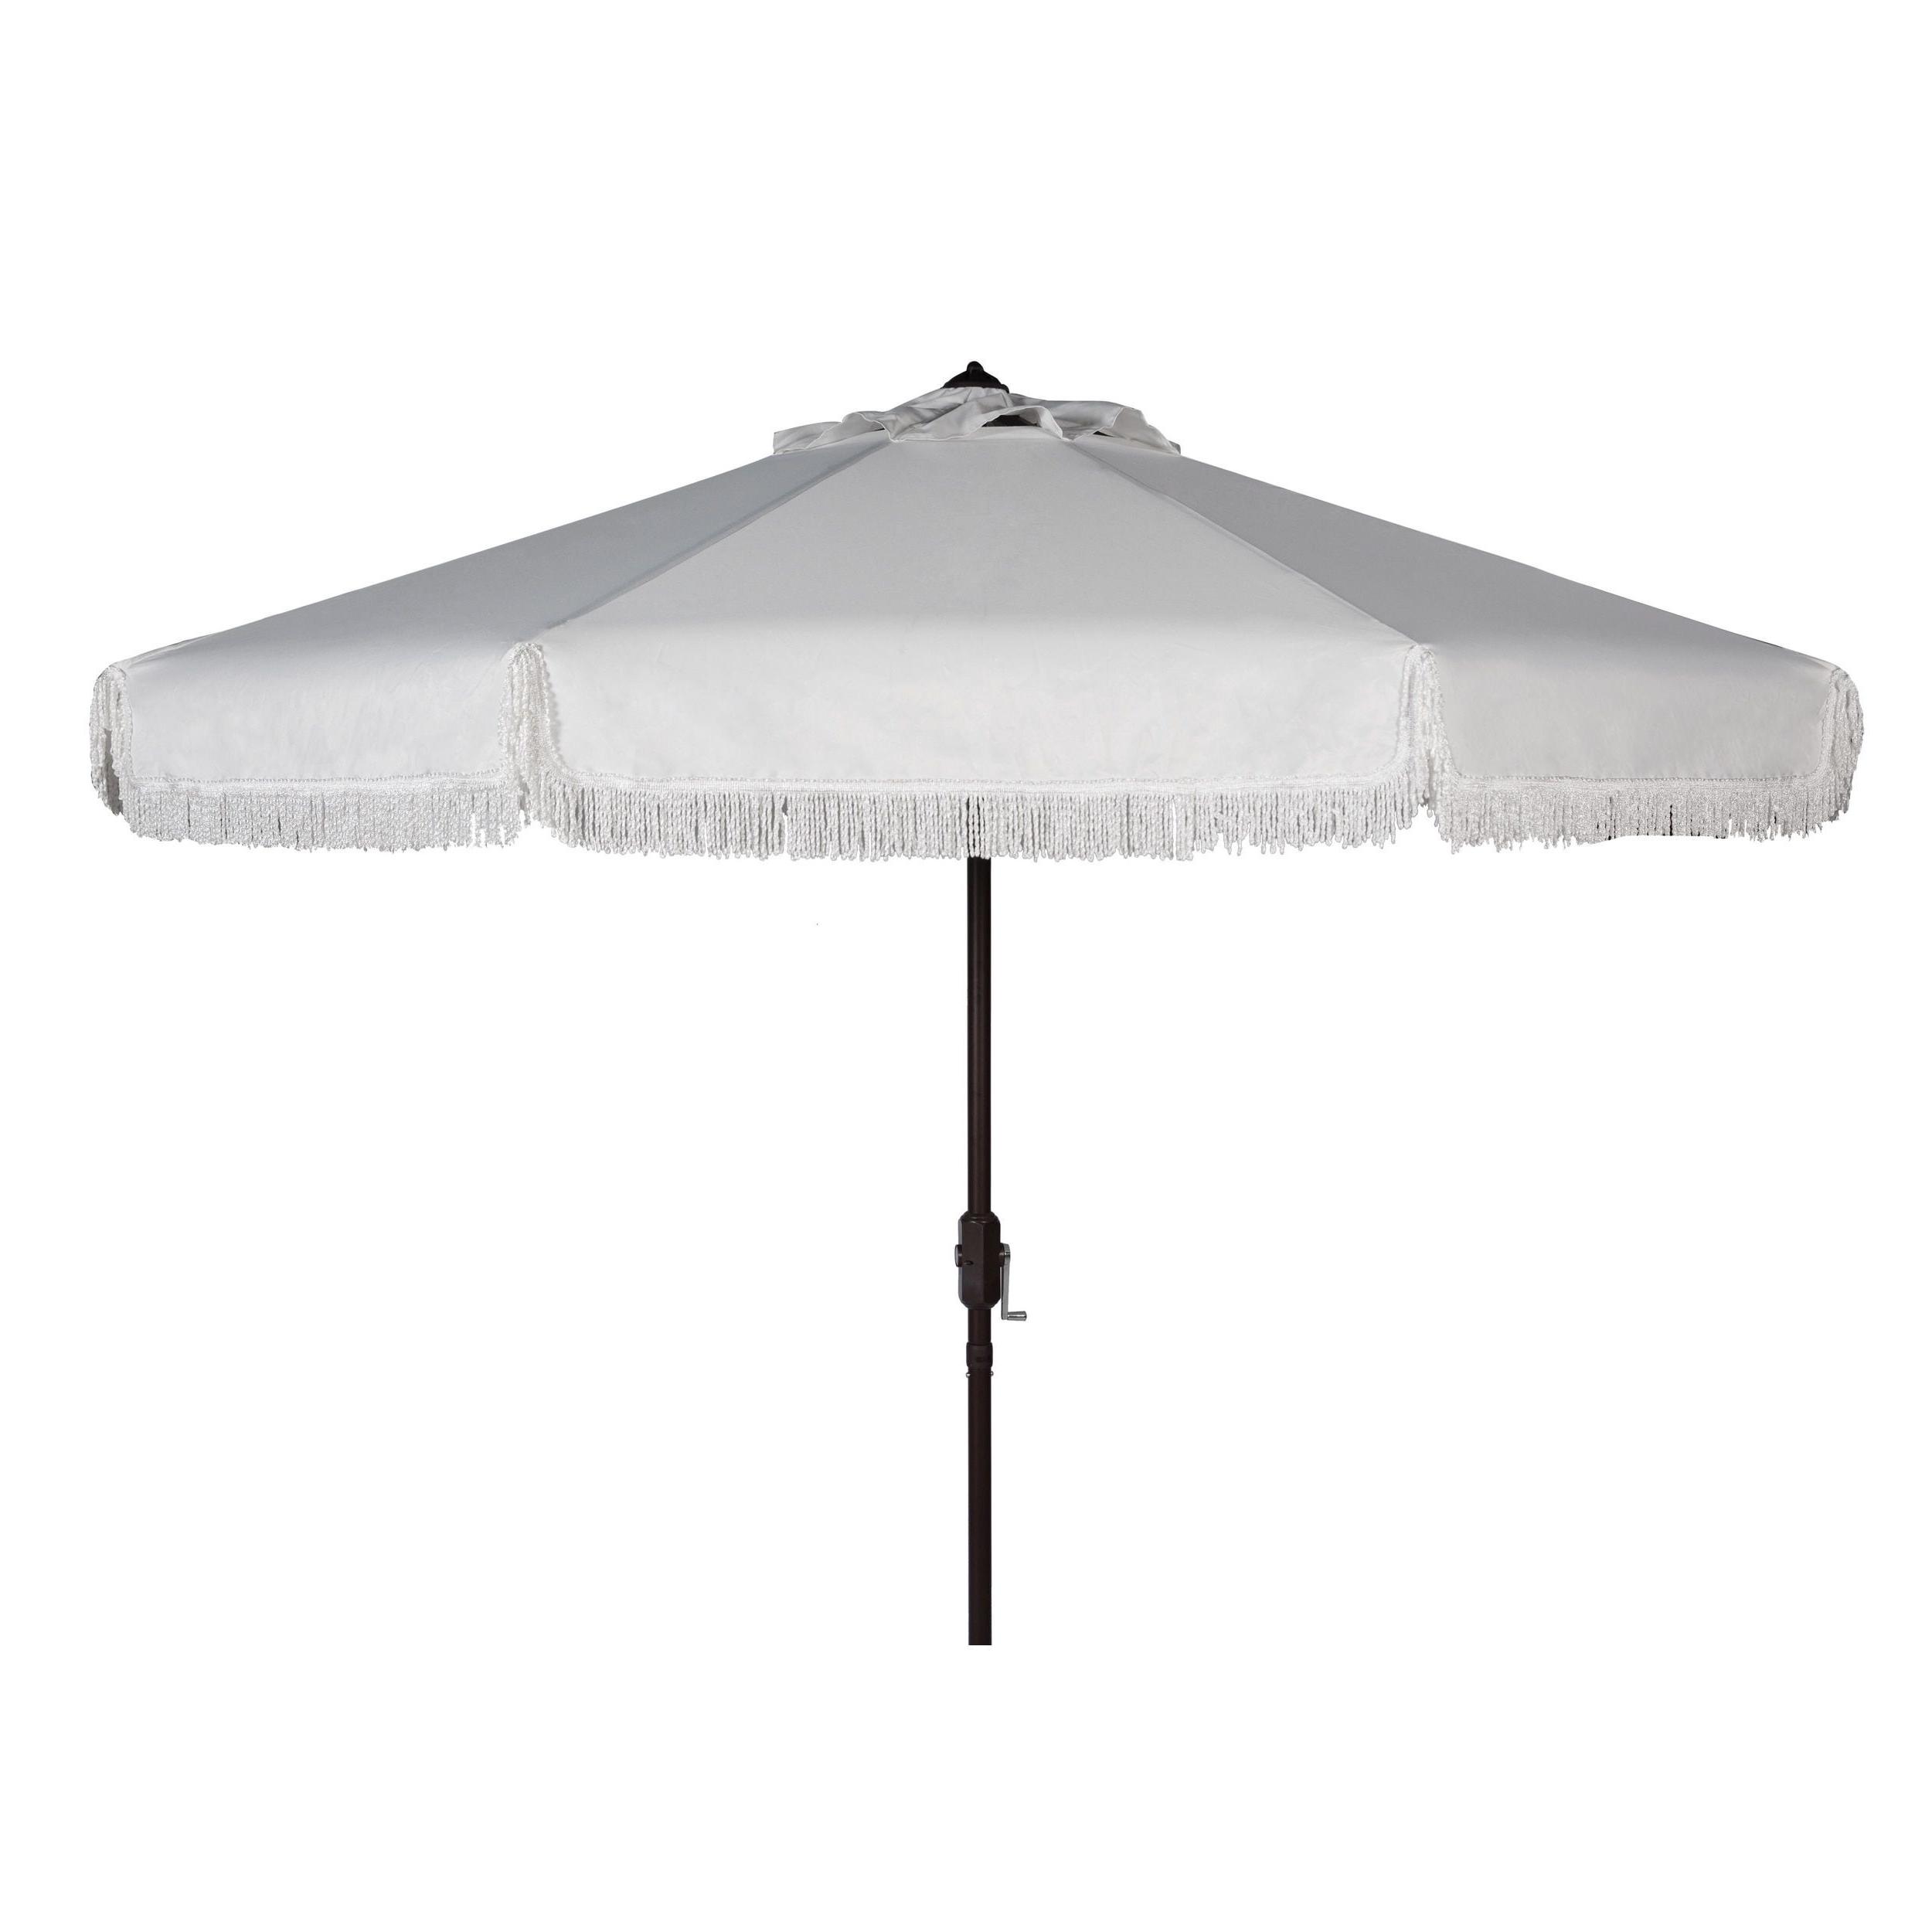 Safavieh Milan Fringe 9 Ft Crank White Outdoor Umbrella (pat8008c For Most Current White Patio Umbrellas (View 15 of 20)